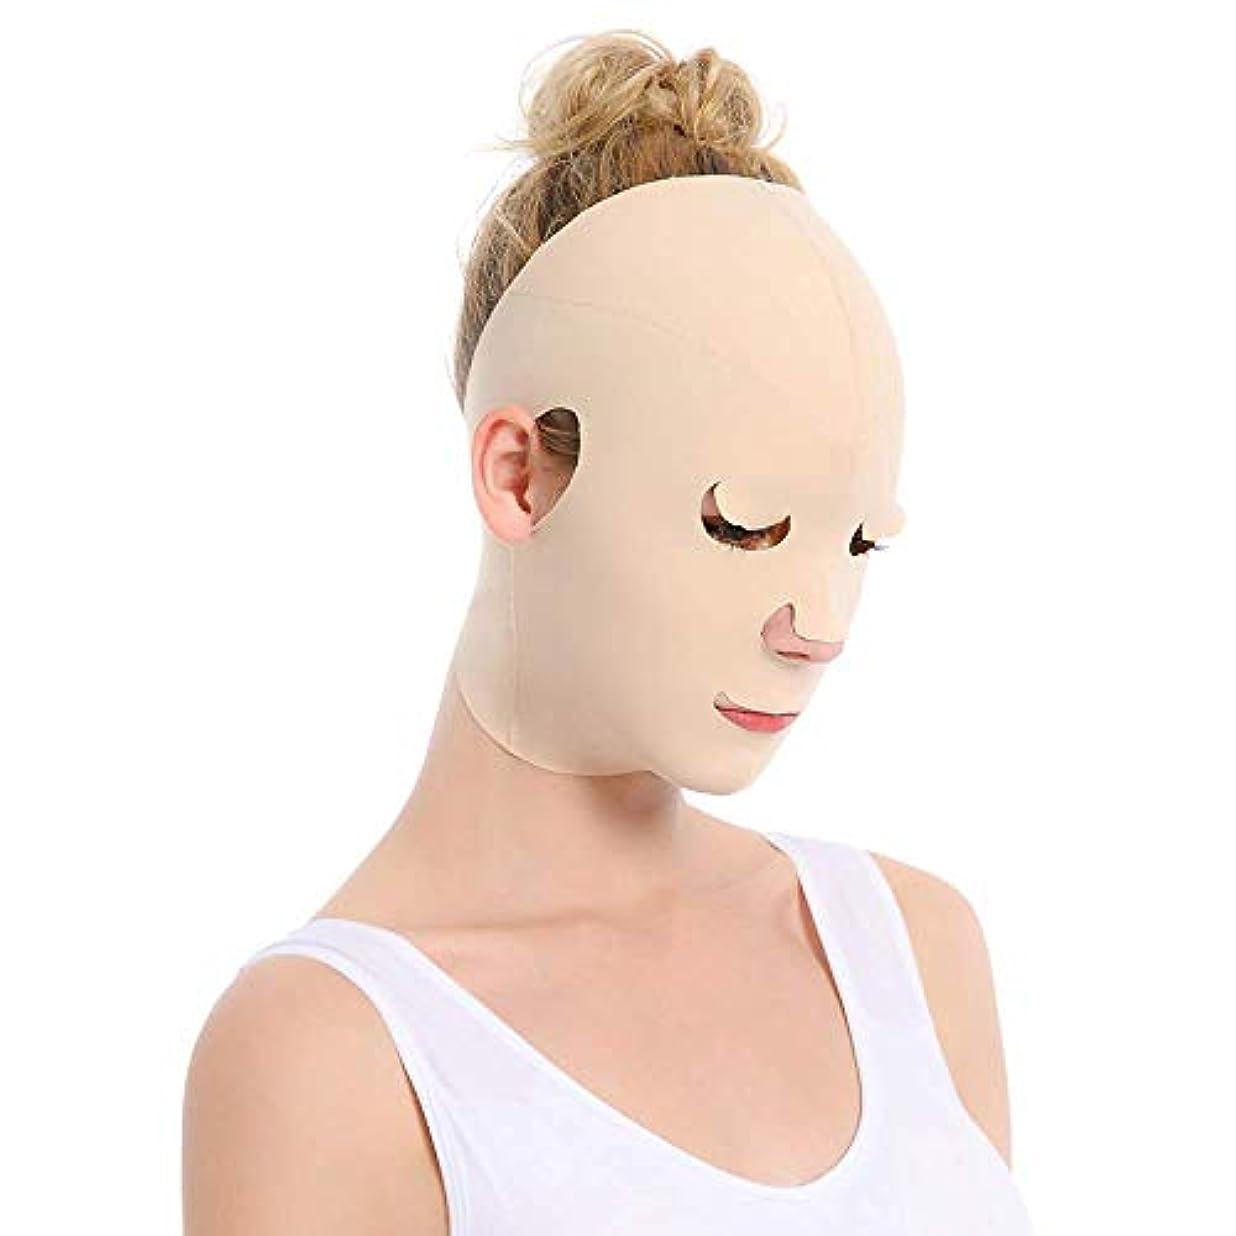 スモールフェイスツールVフェイス包帯シンフェイスビューティーマスクレイジースリープマスク男性と女性Vフェイス包帯整形リフティング引き締めフェイスシンダブルチン